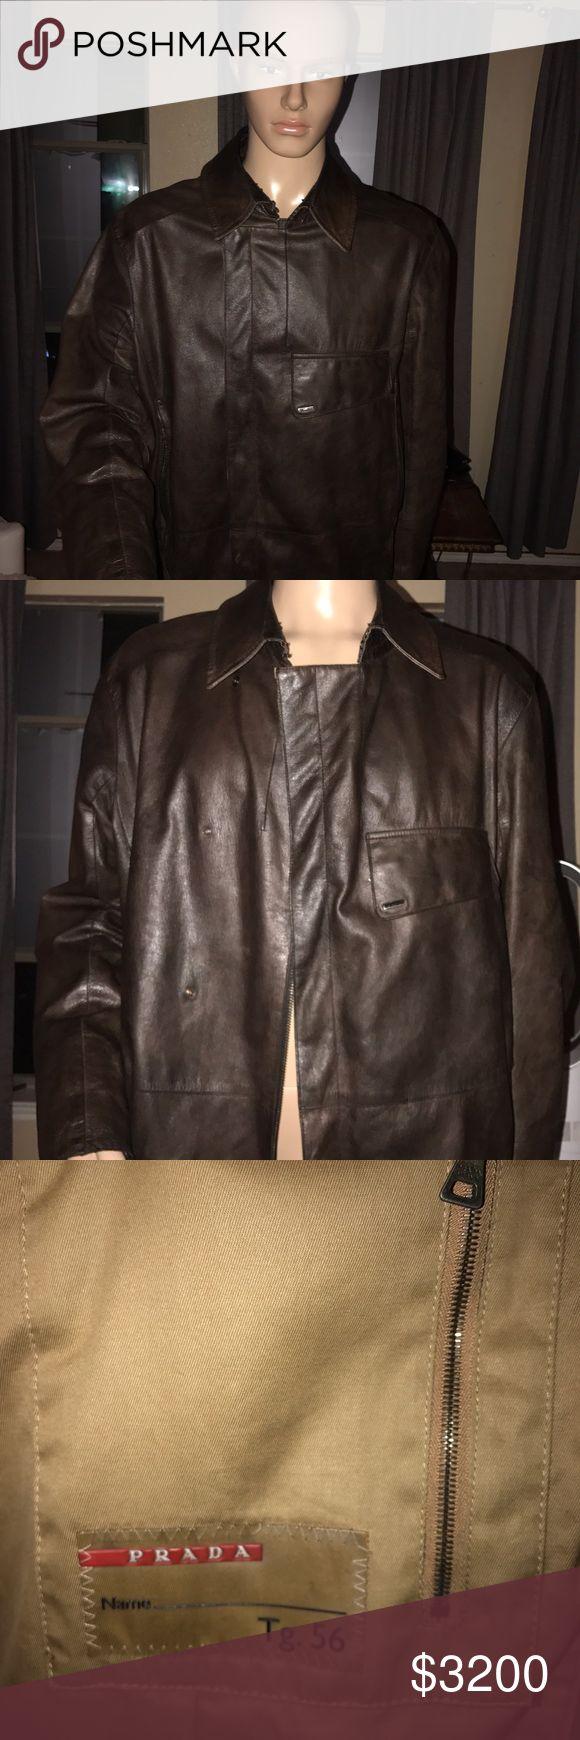 Men's jacket Men's designer leather jacket in excellent condition . Prada Jackets & Coats